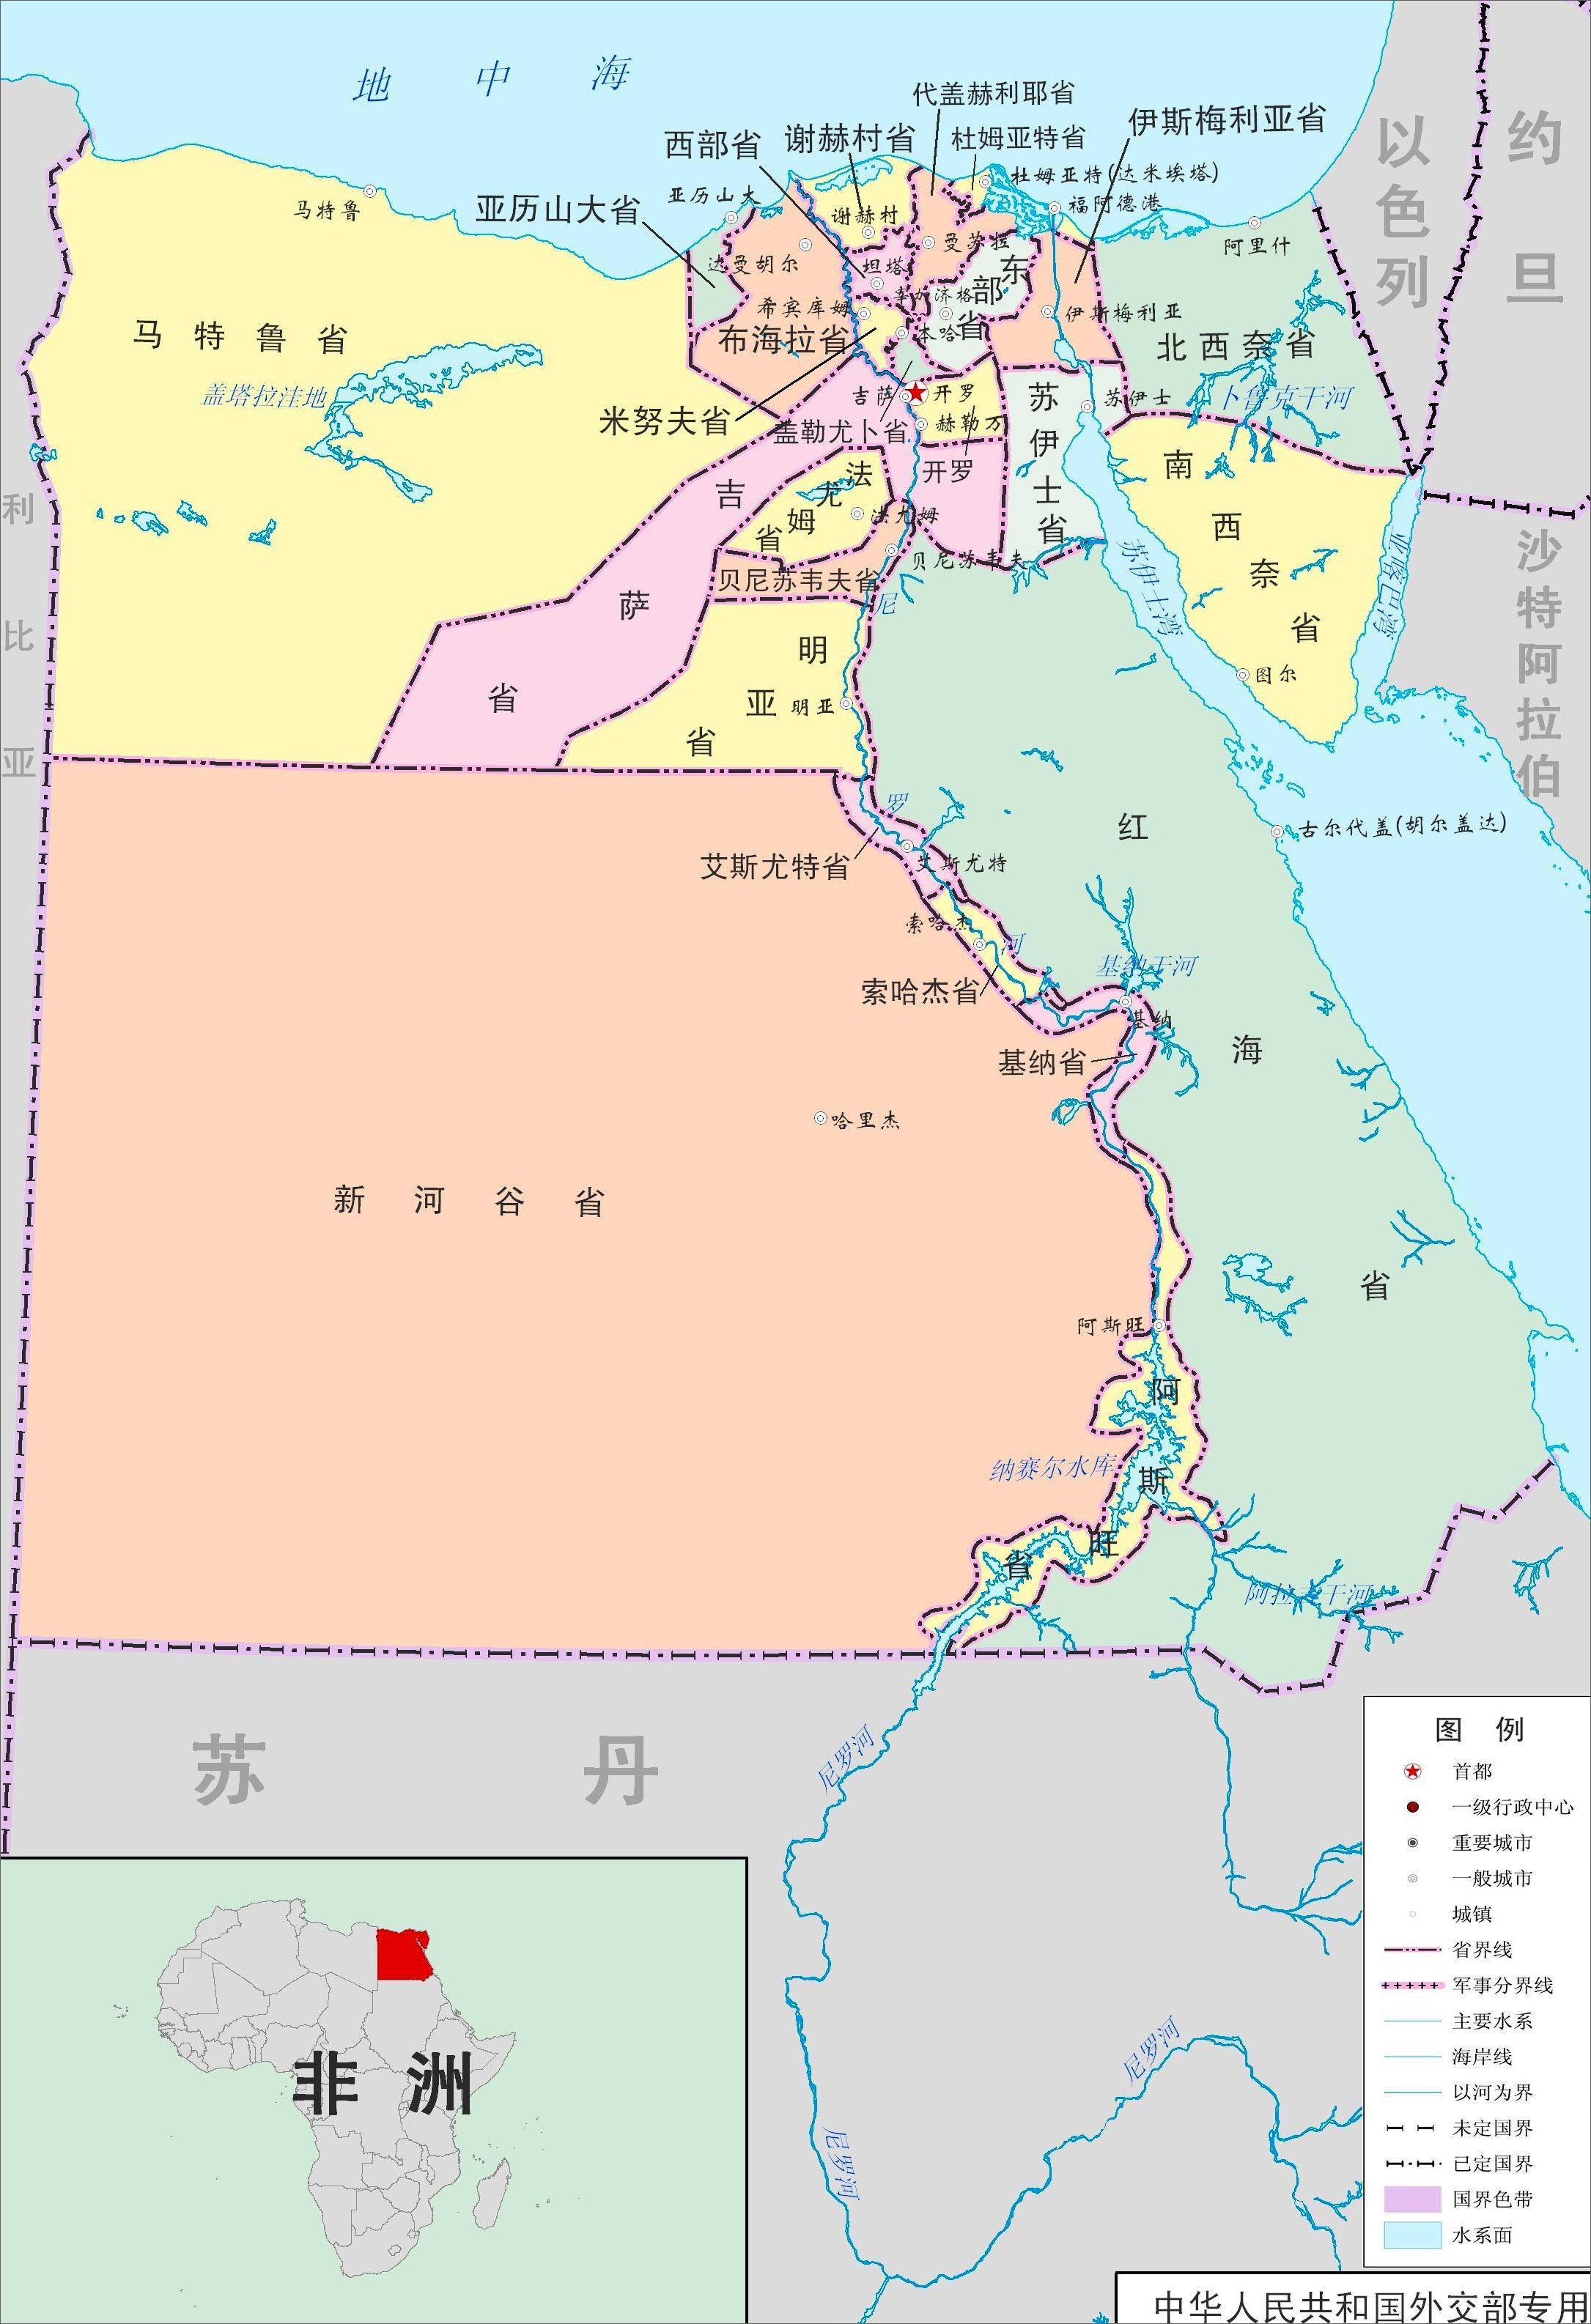 埃及:歷史沿革,自然環境,區域位置,地形地貌,氣候特徵,自然資源,行政區劃,國家象_中文百科全書